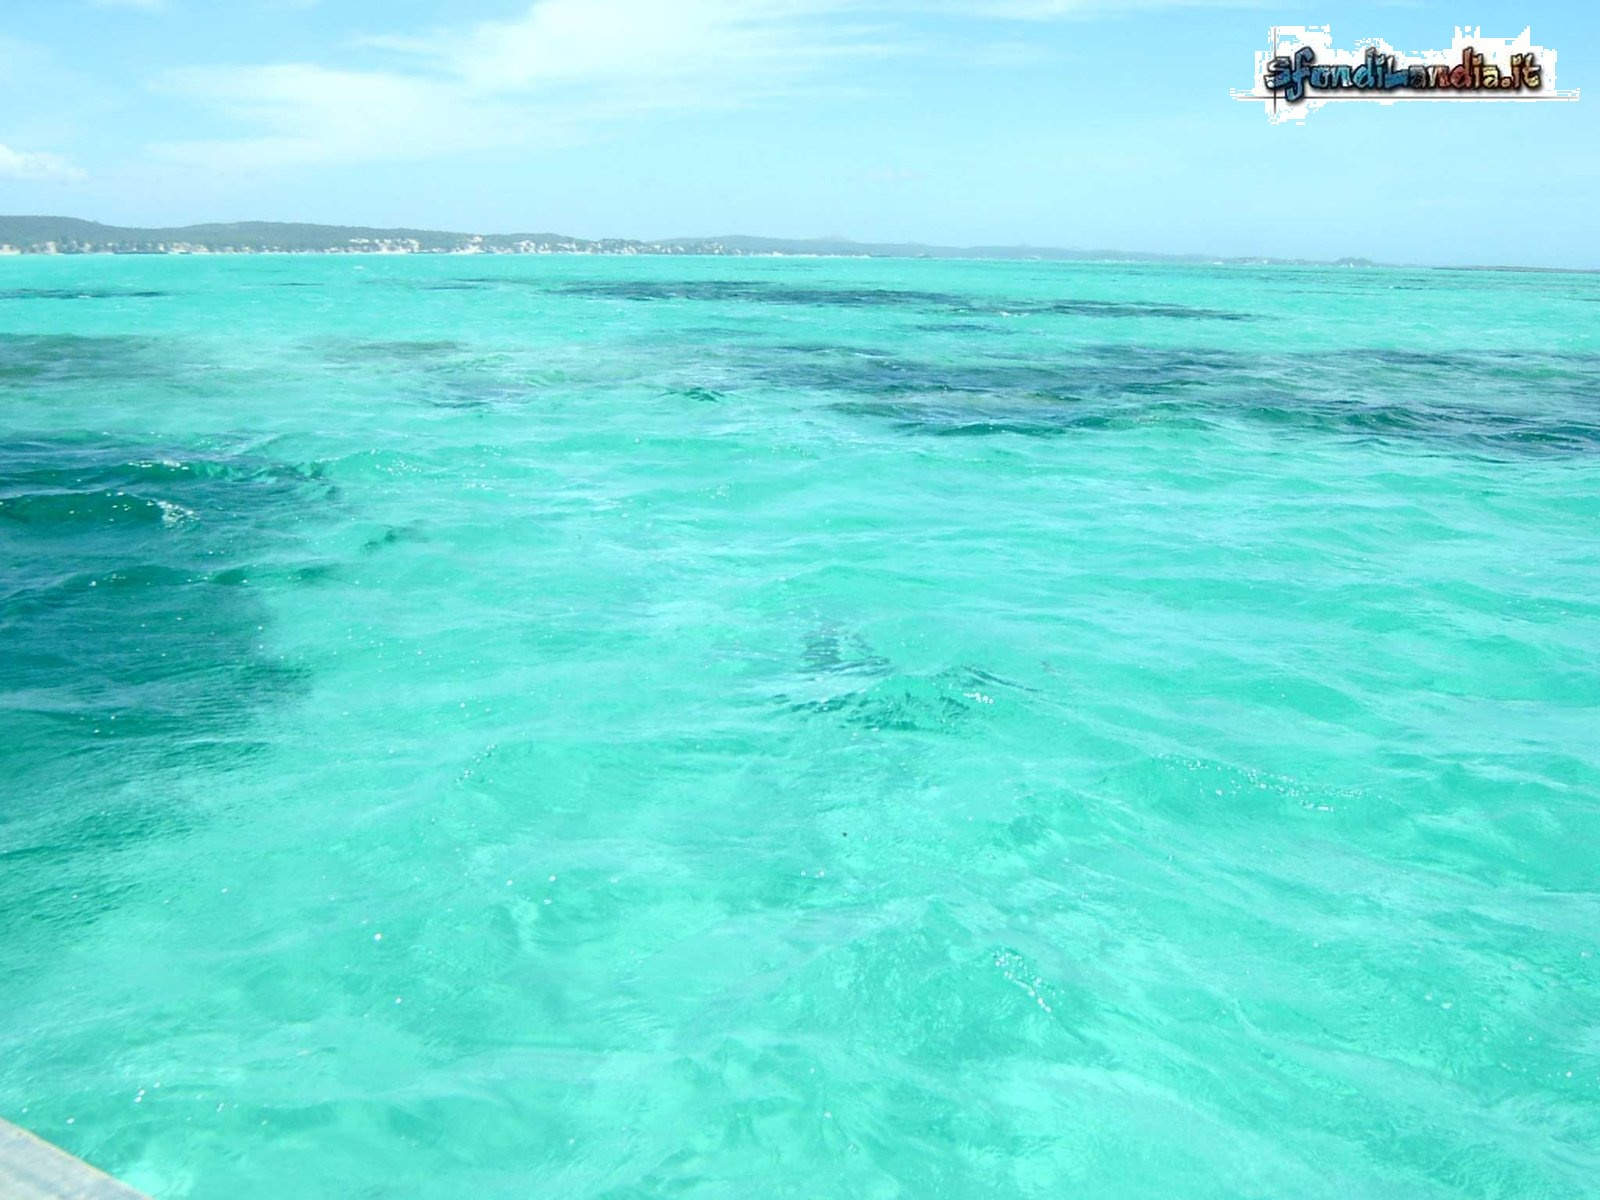 Sfondo gratis di mare smeraldo per for Foto per desktop mare